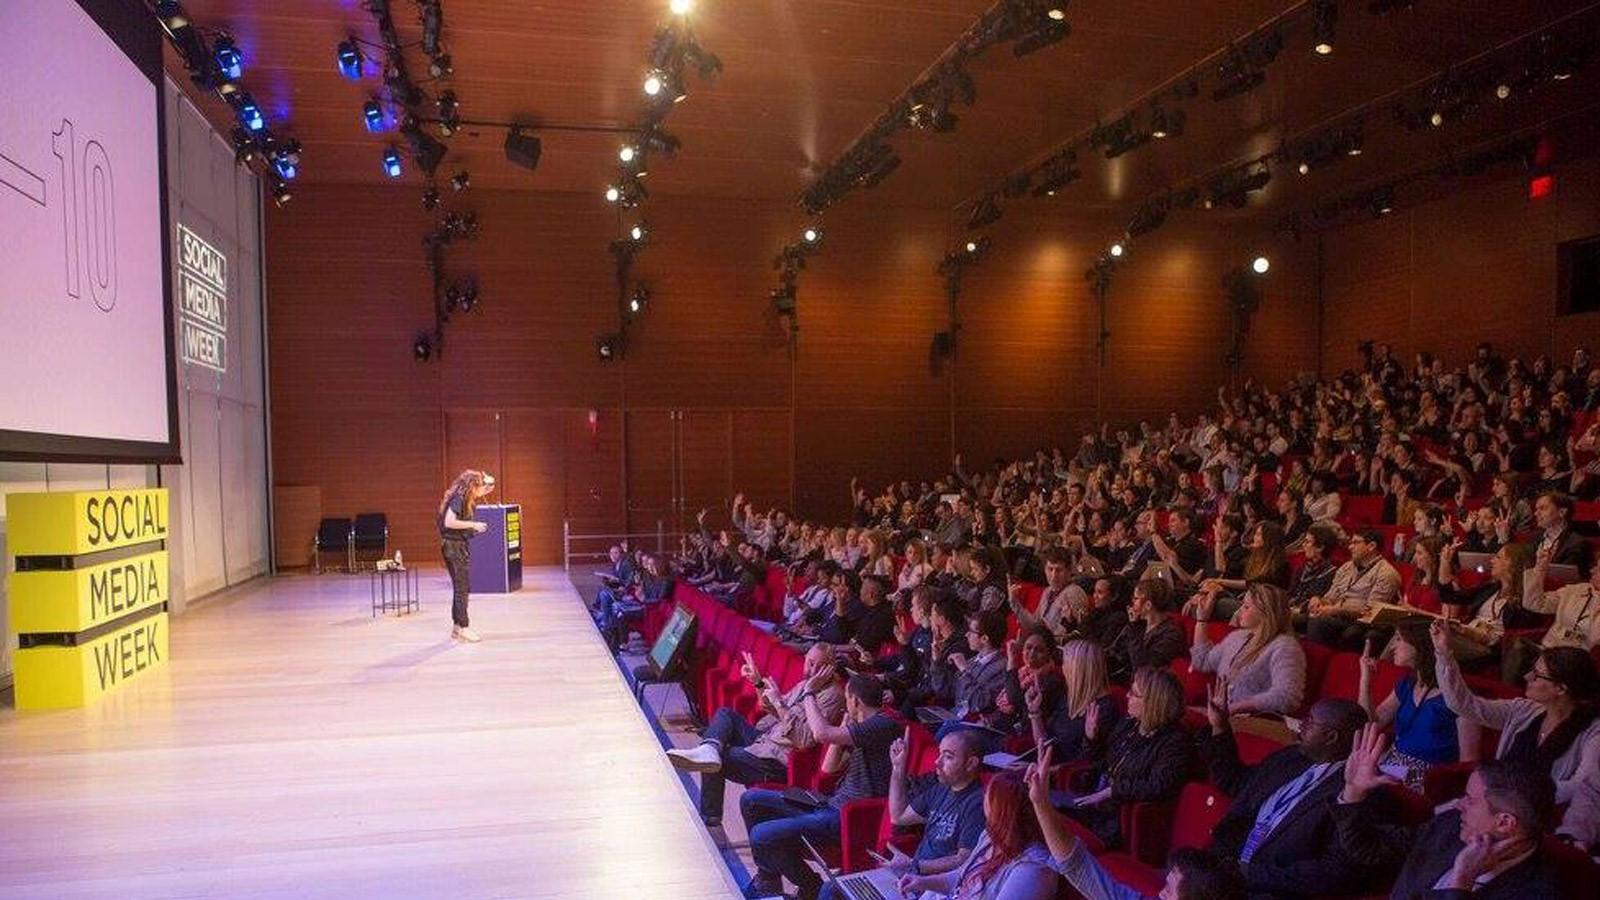 SMW Social Media Conferences